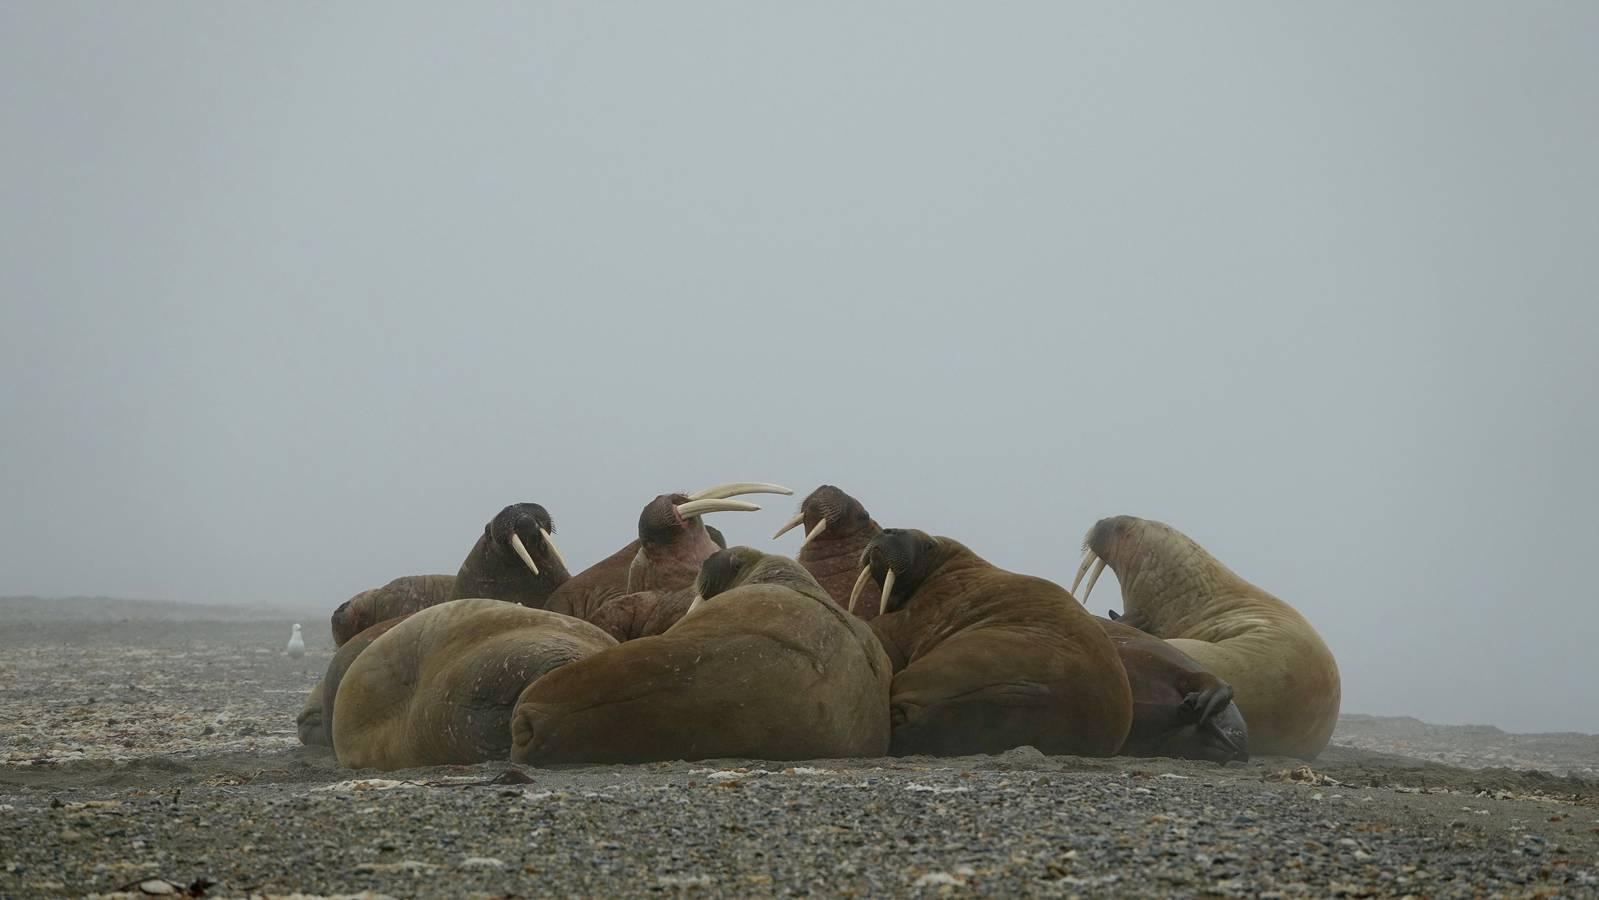 Bei einem Tagesausflug konnte ich die neugierigen Walrosse stundenlang beobachten. (© Virgin Radio Switzerland)